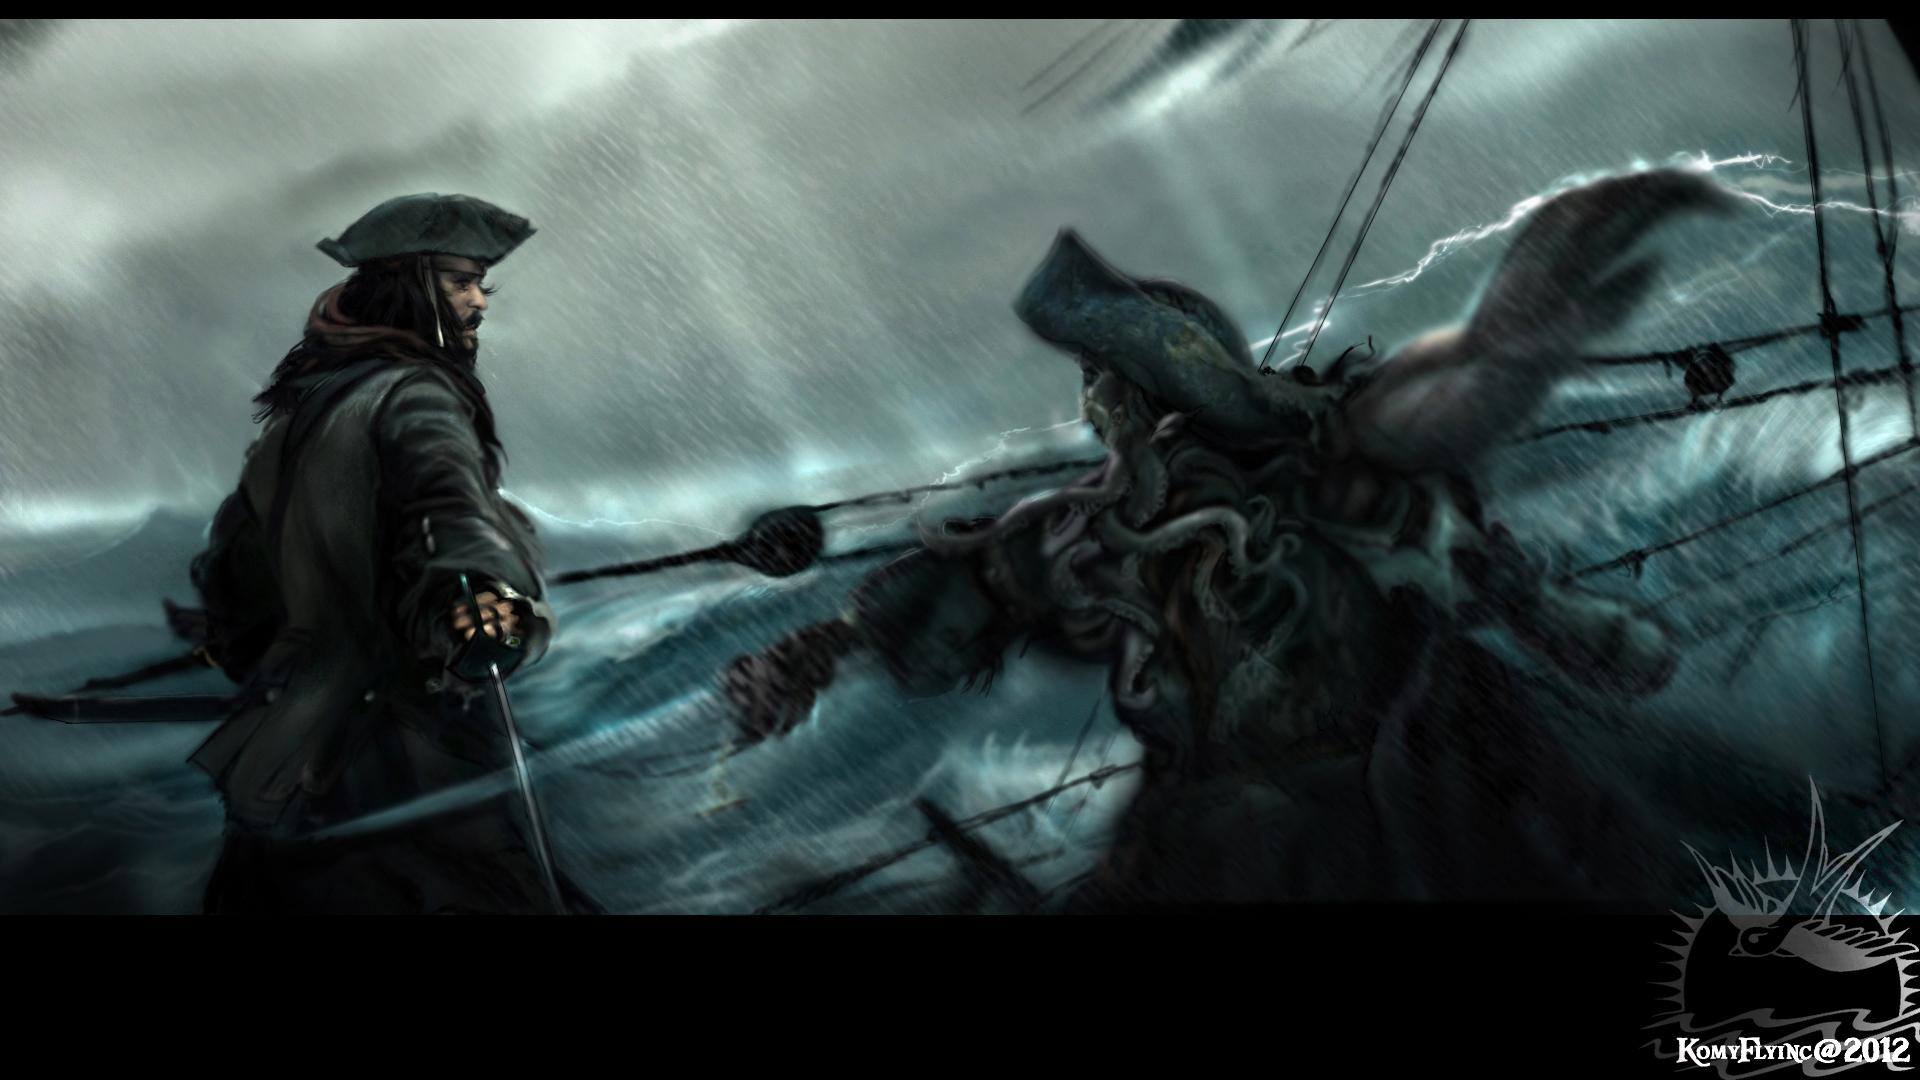 Jack Sparrow fighting Davy Jones by KomyFlyinc@ by KomyFly